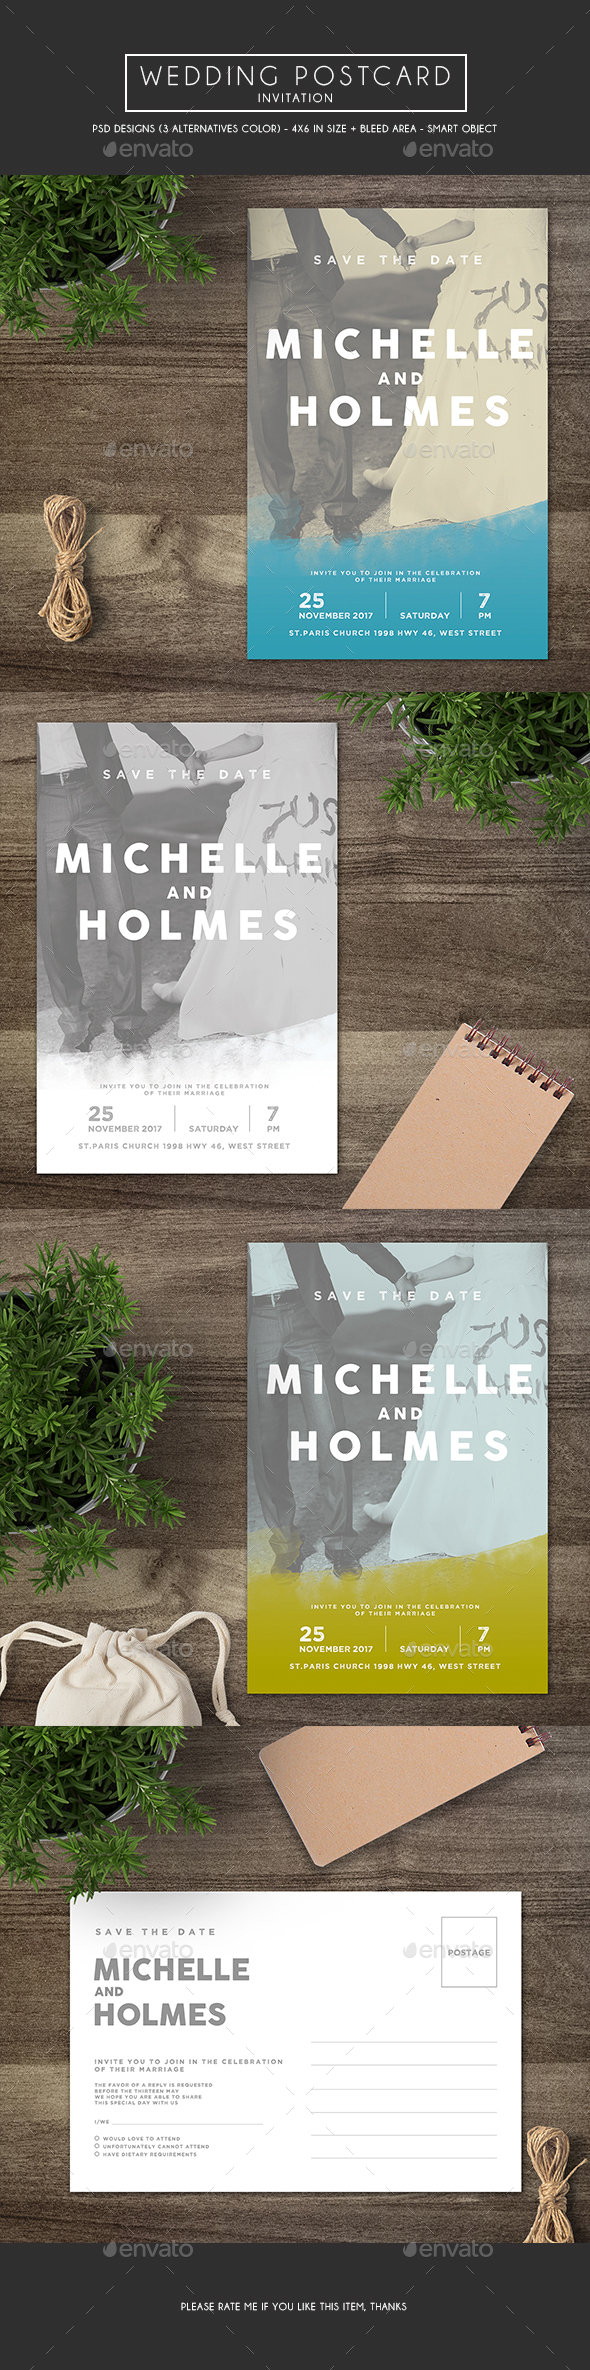 Wedding Postcard Invitation - Weddings Cards & Invites